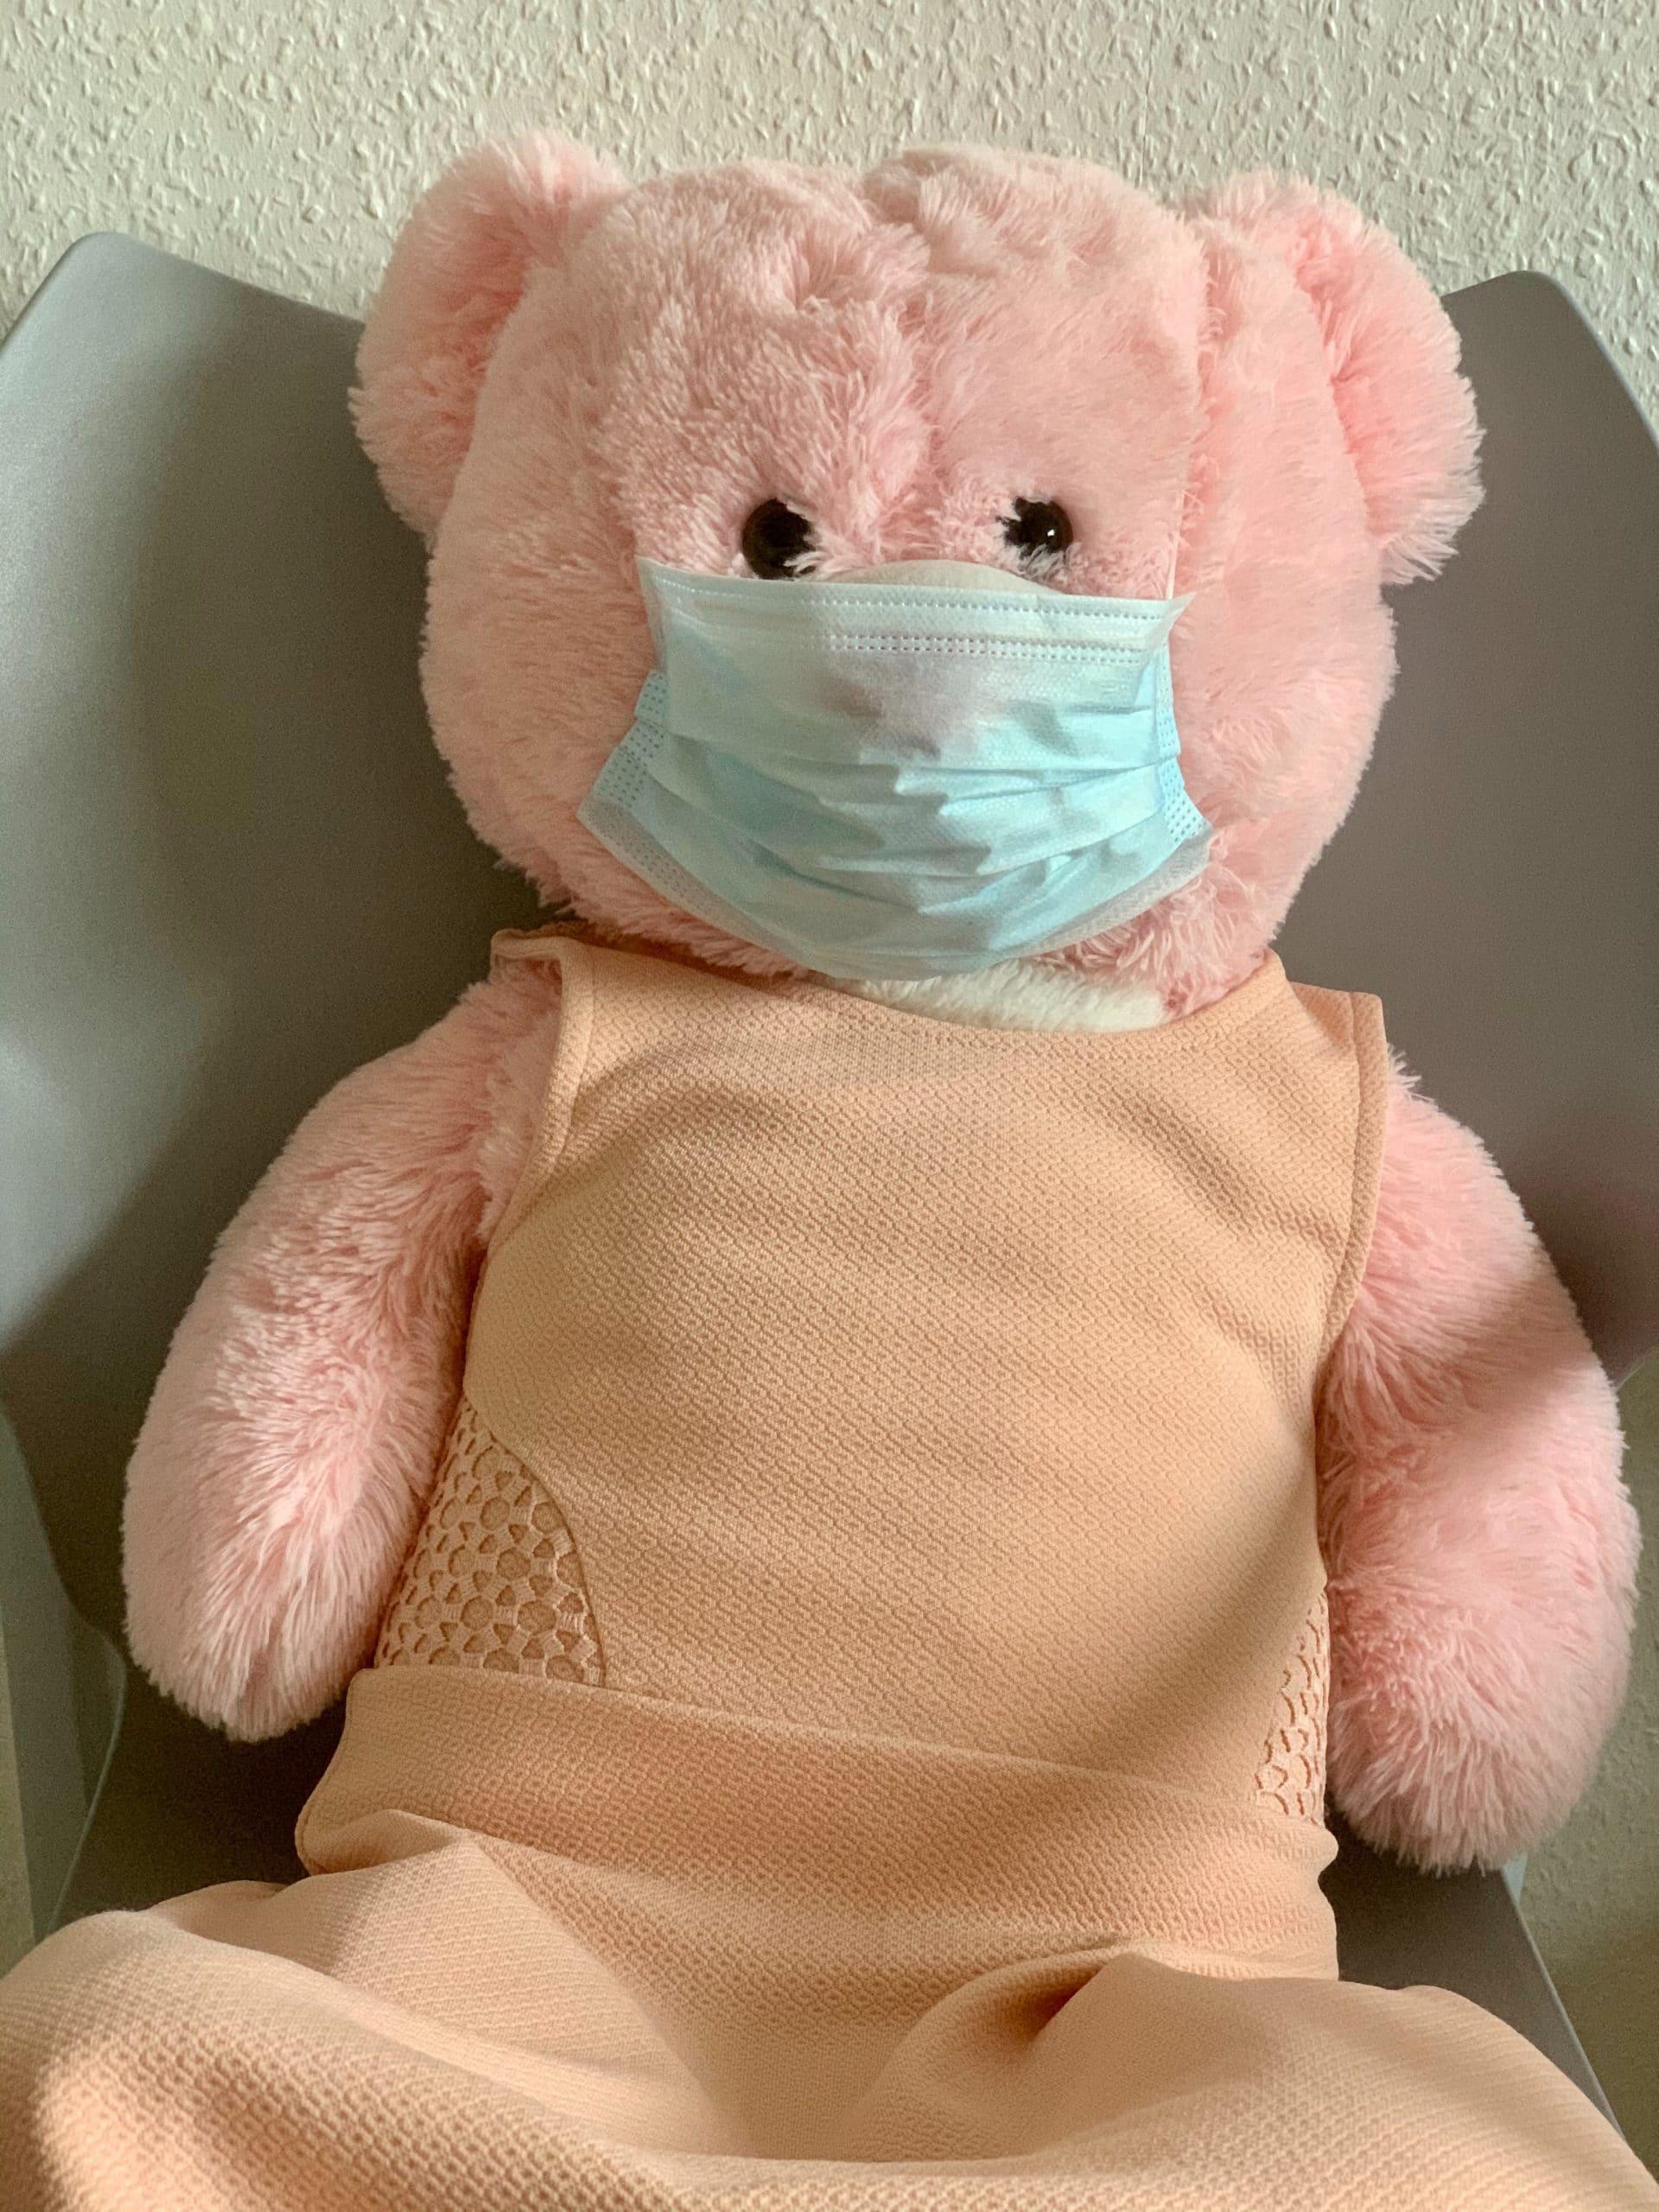 ¿Se suspende el régimen de visitas con los hijos por el Coronavirus?